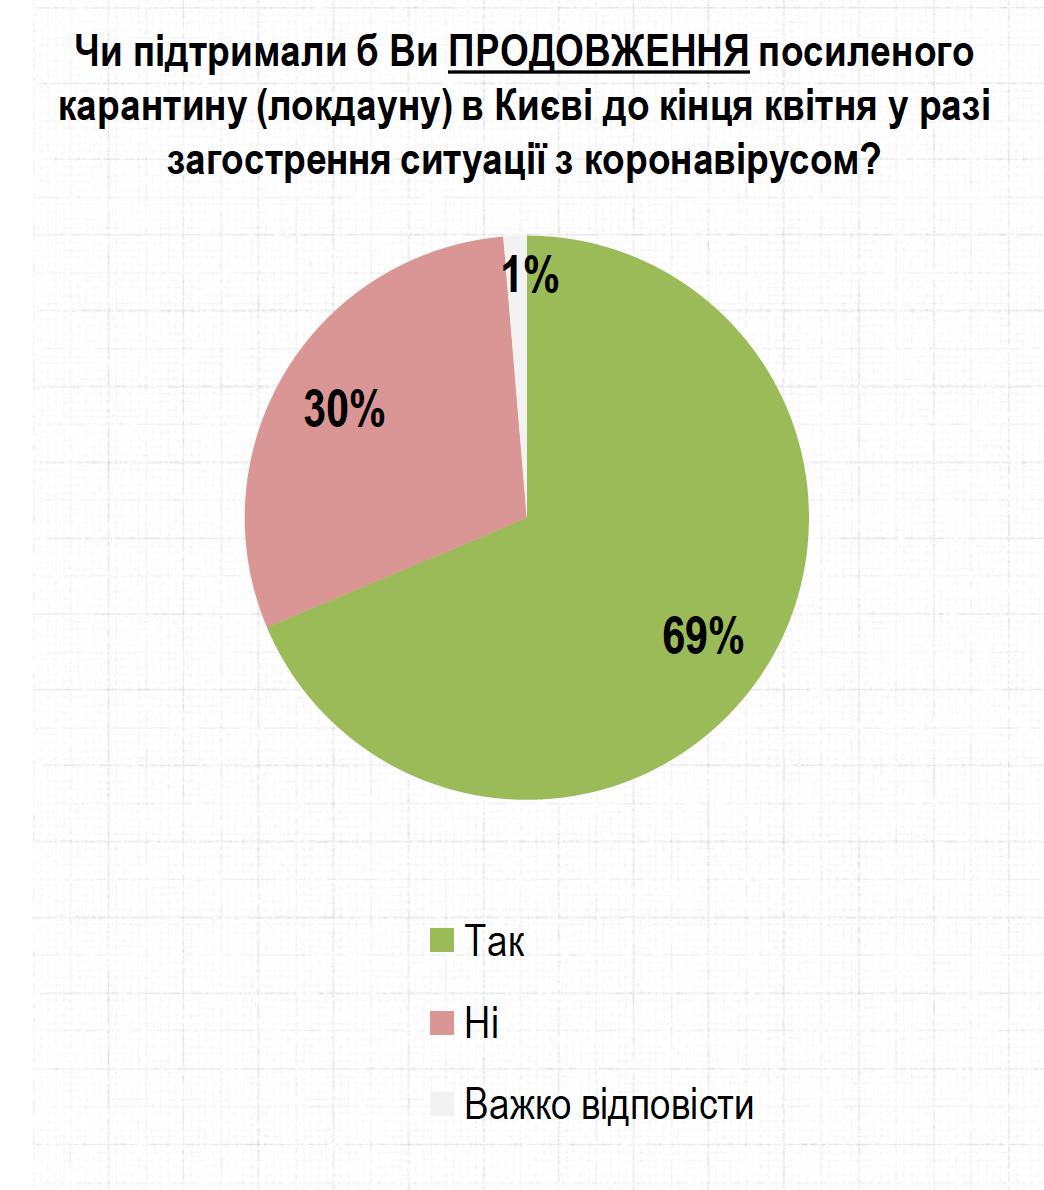 рейтинг 2 про подовження карантину в Києві